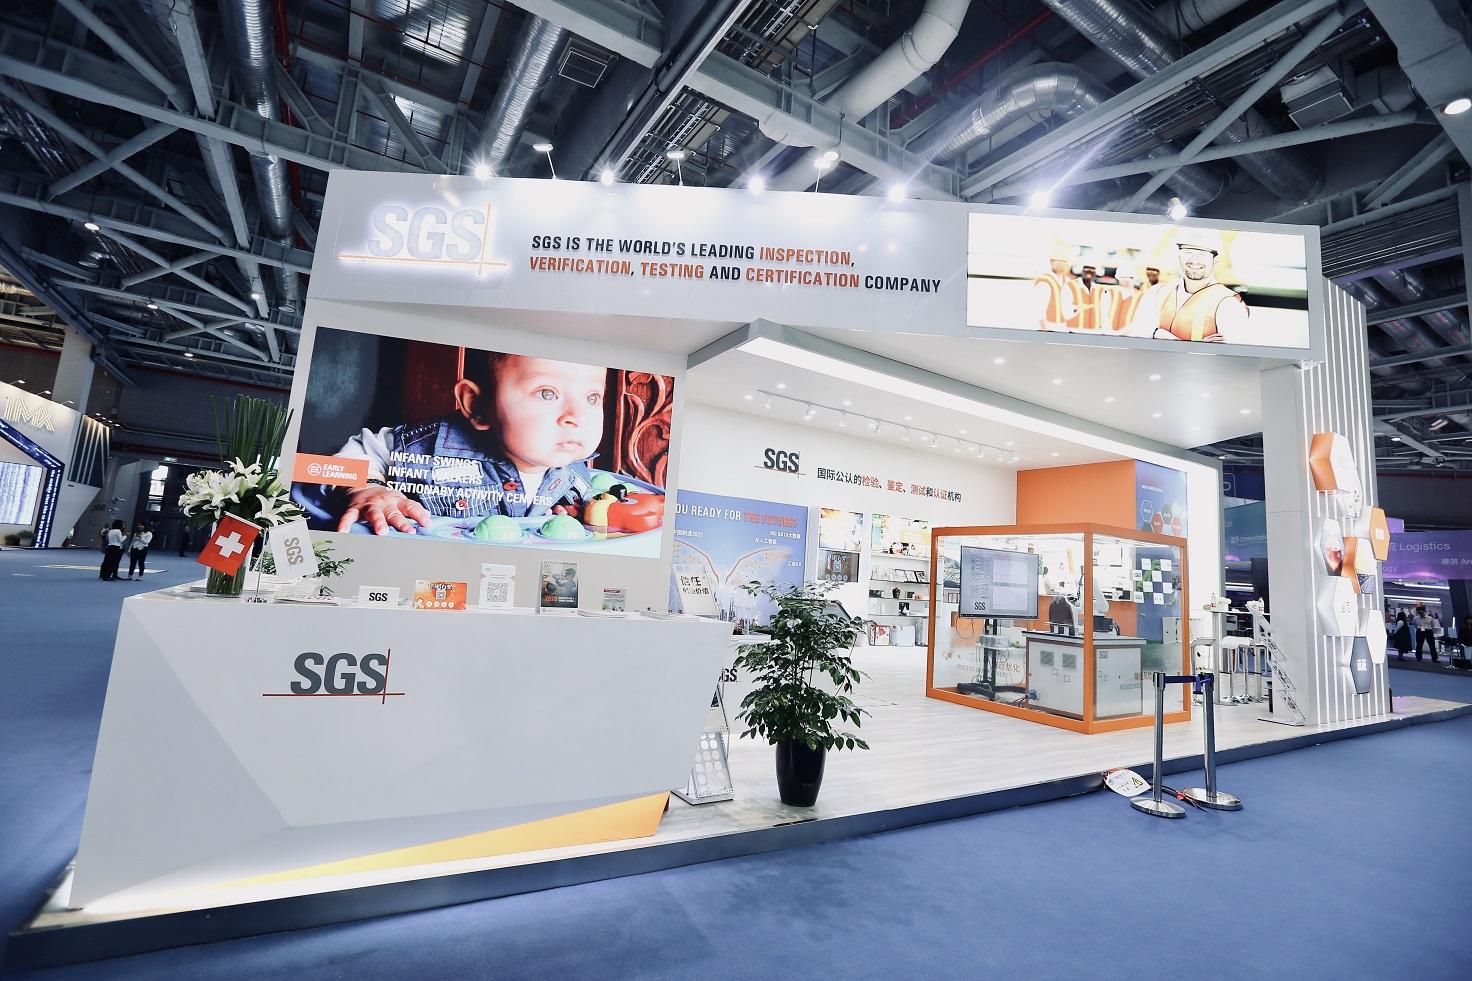 SGS中国区总裁杜佳斌:中国的质量检测认证市场大有可为,未来要敞开双臂拥抱机遇